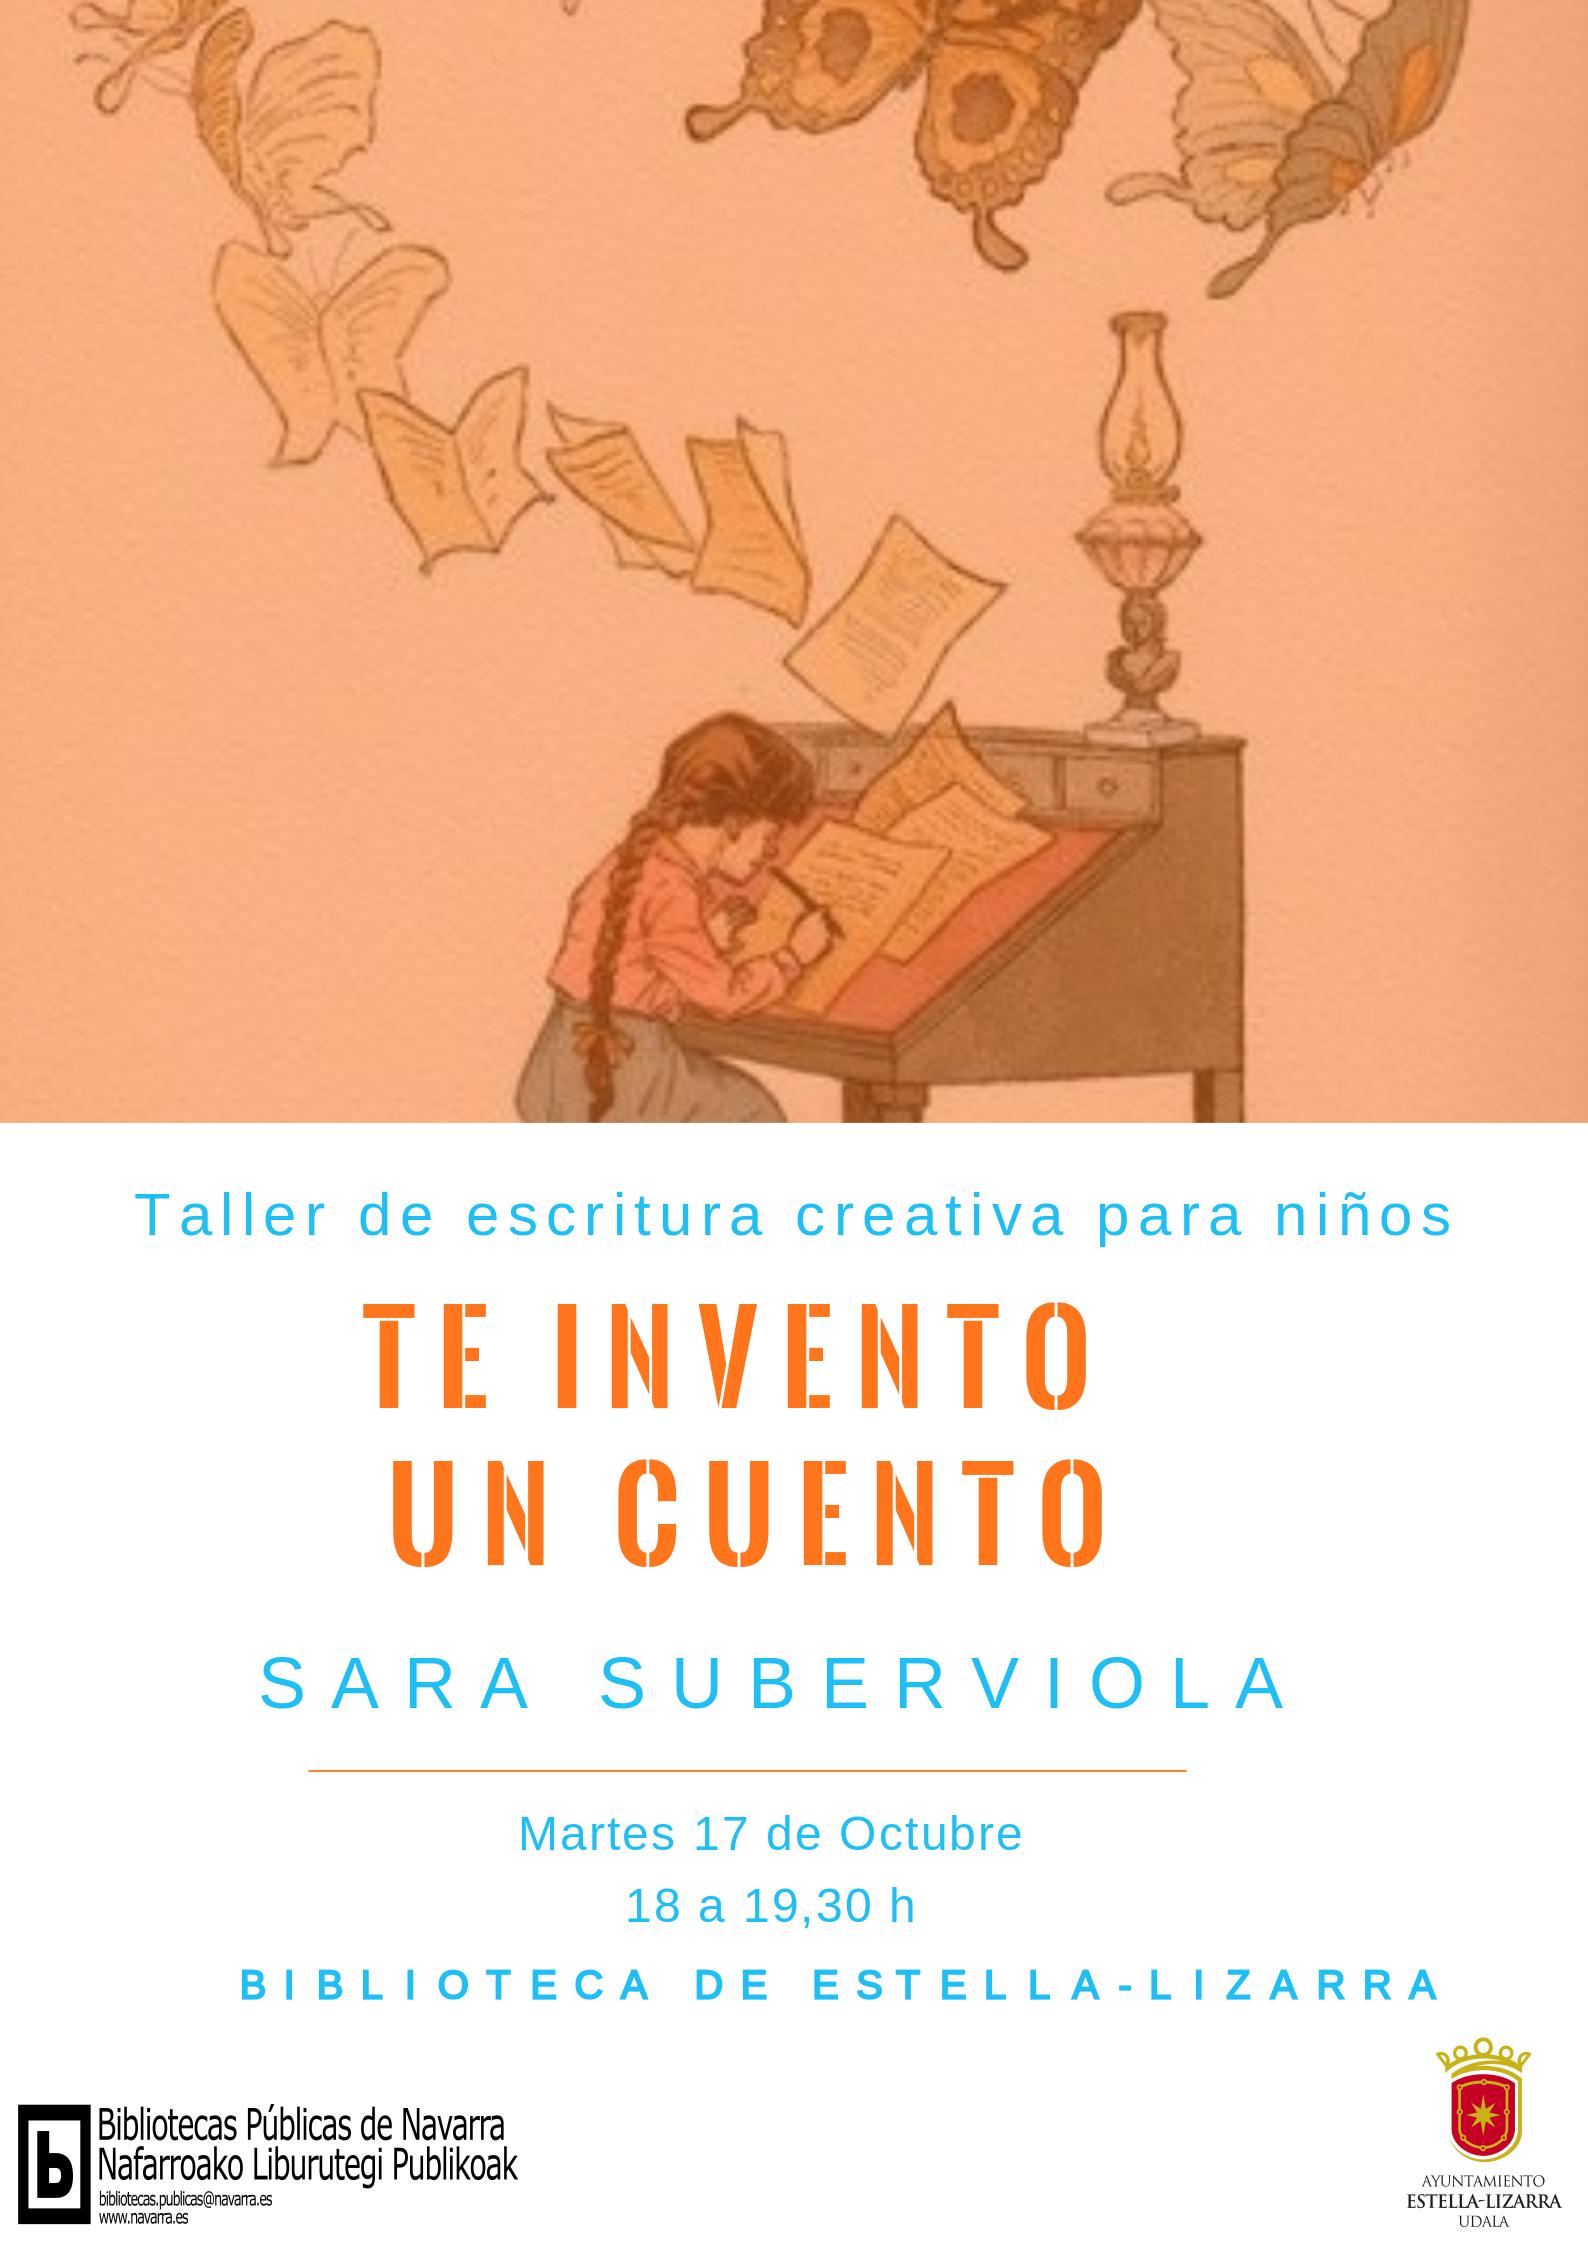 taller de escritura creativa para niños en la biblioteca de Estella